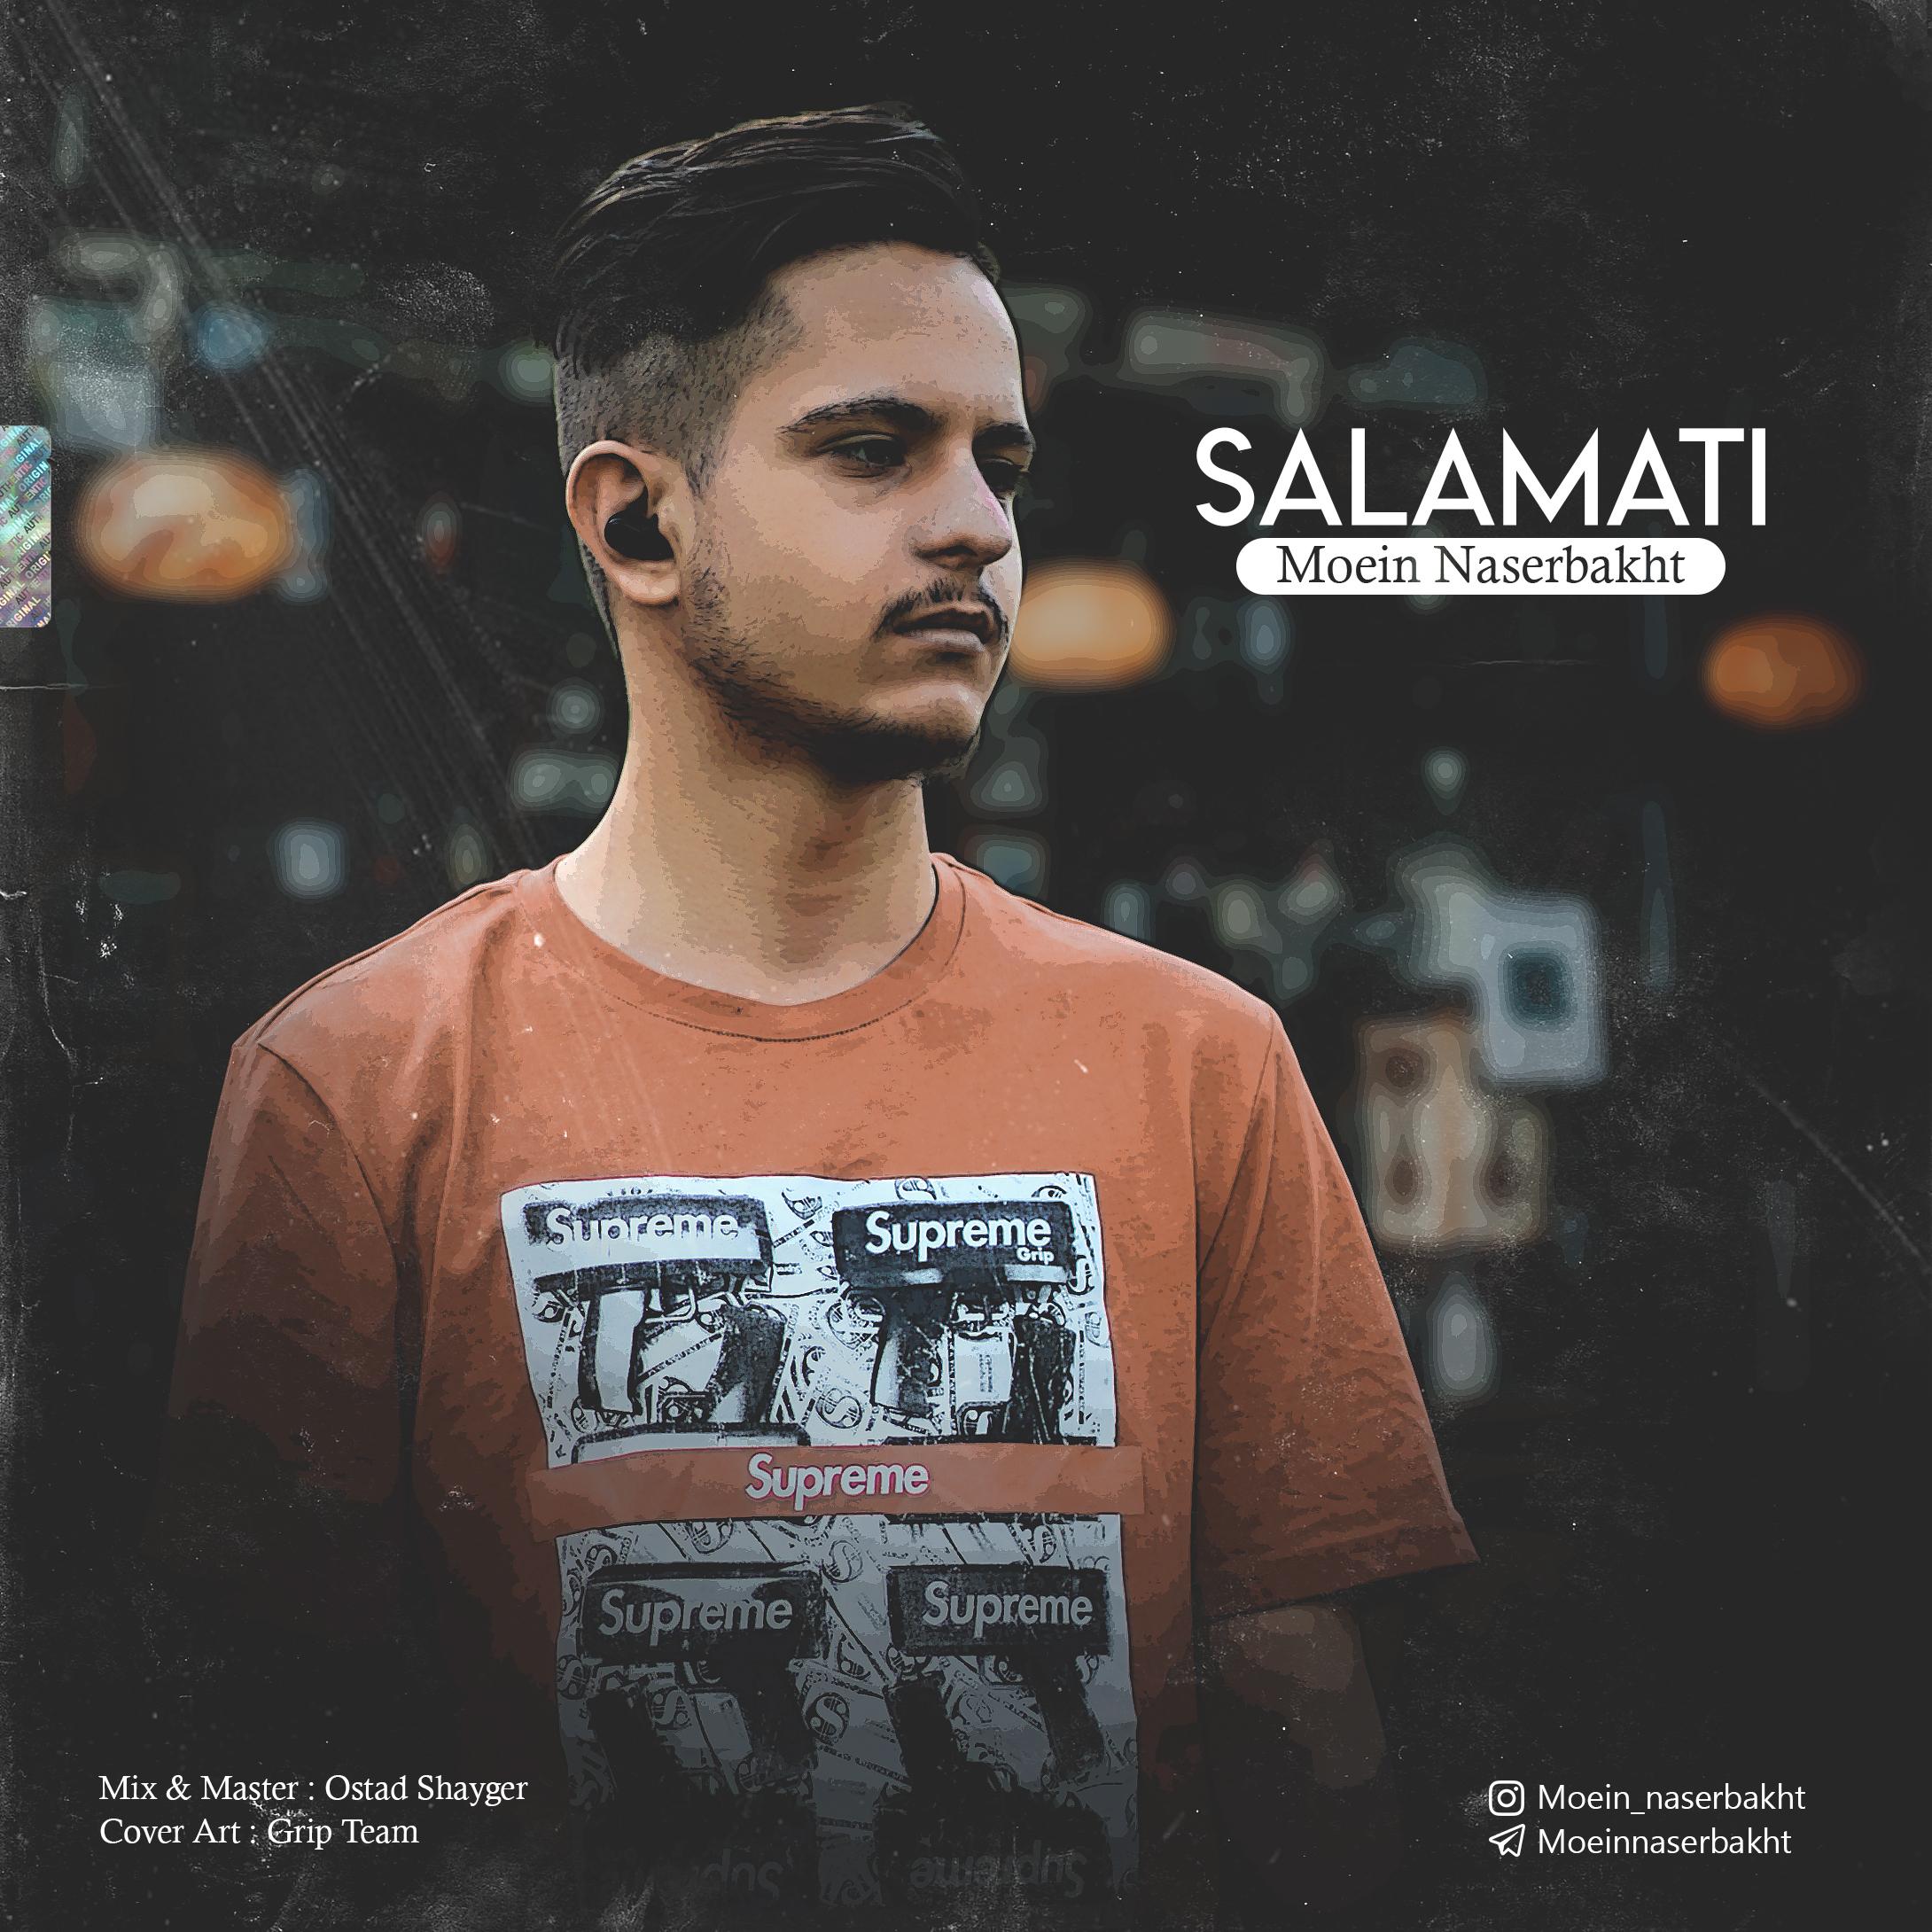 Moein Naserbakht – Salamati